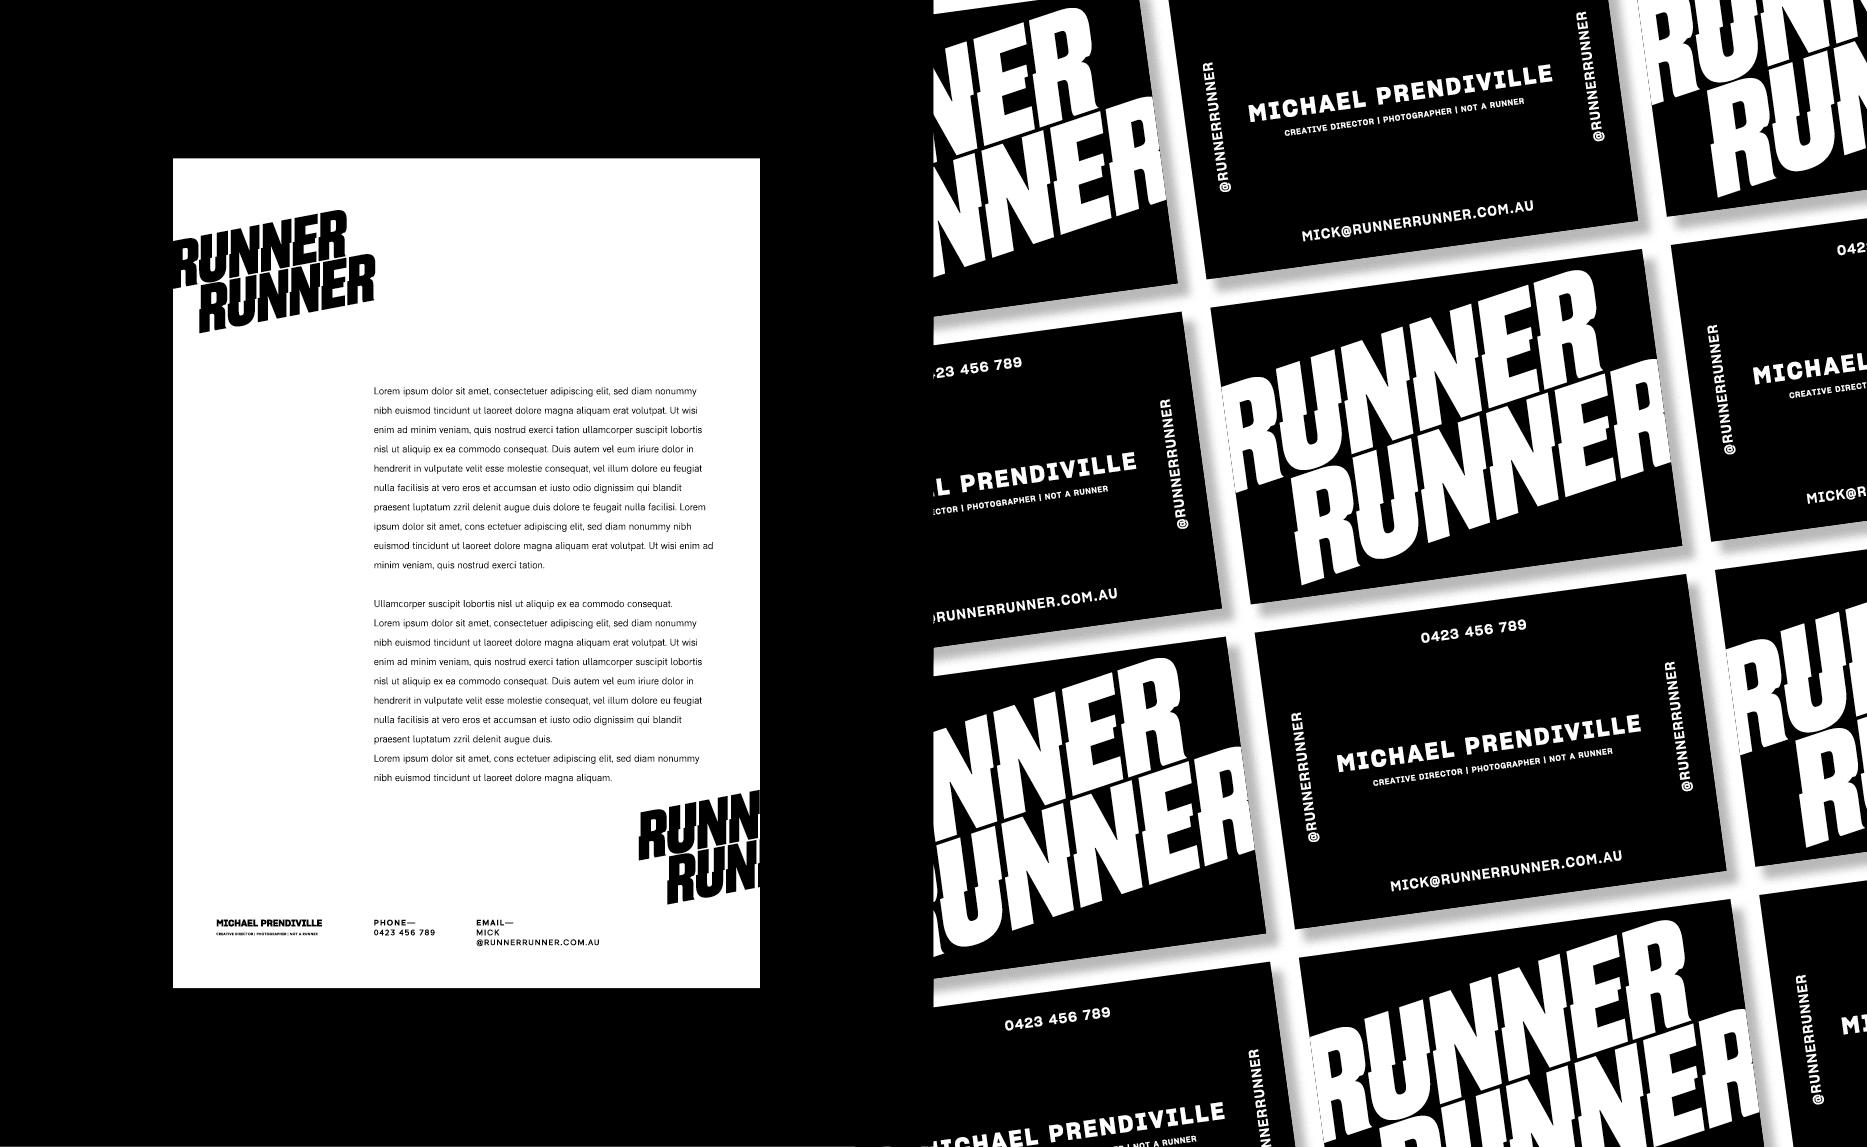 RUNNERRUNNER_WEB_14005